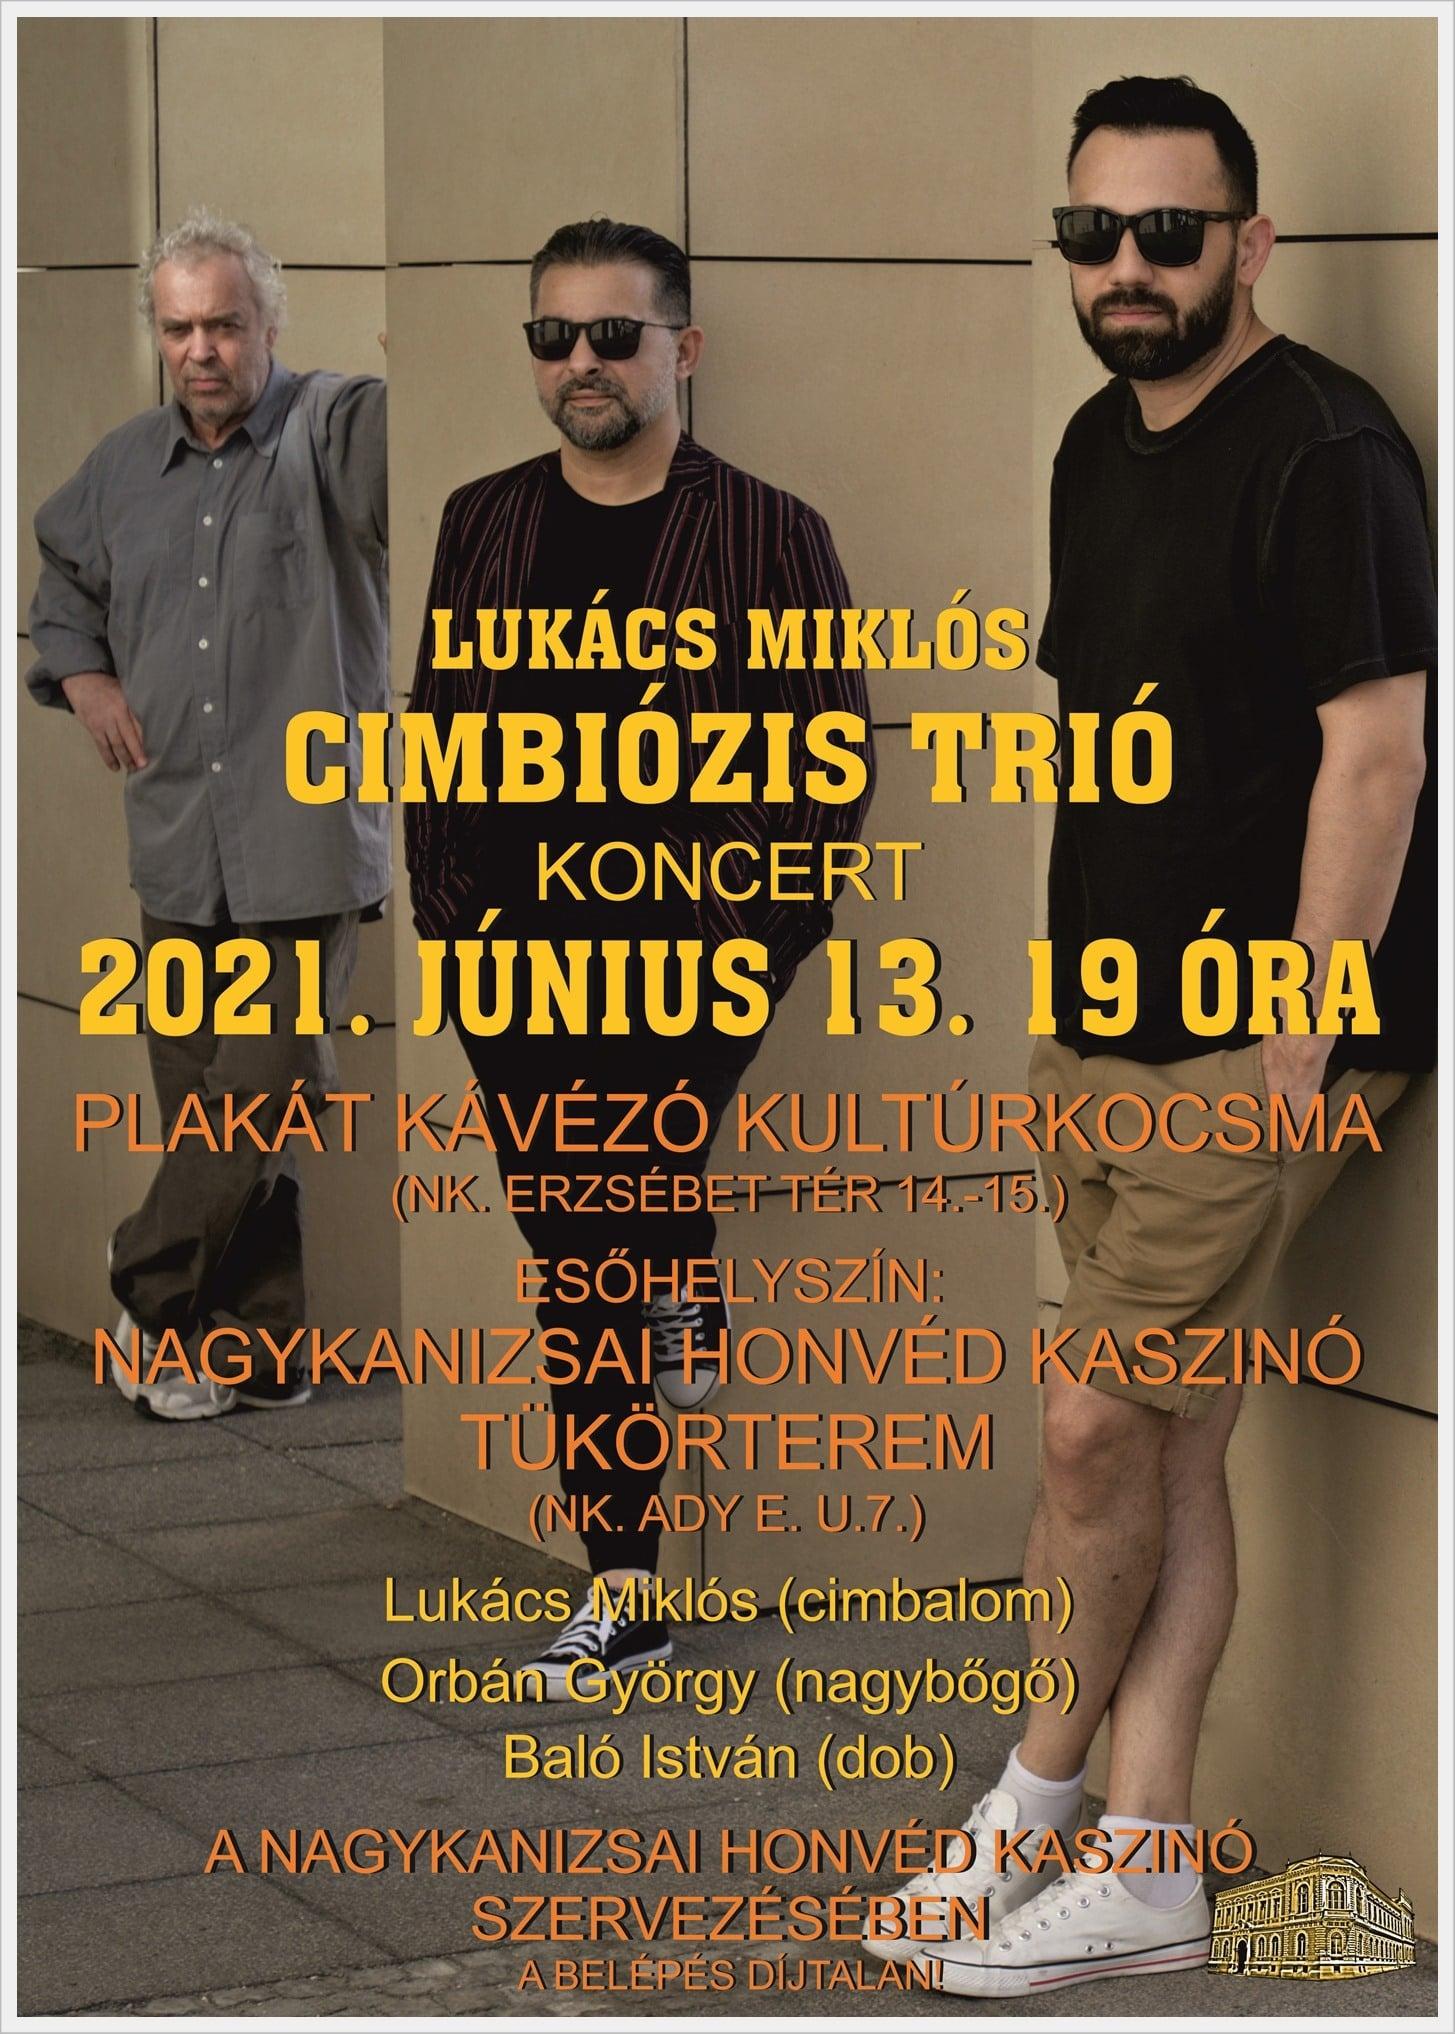 Lukács Miklós Cimbiózis Trió